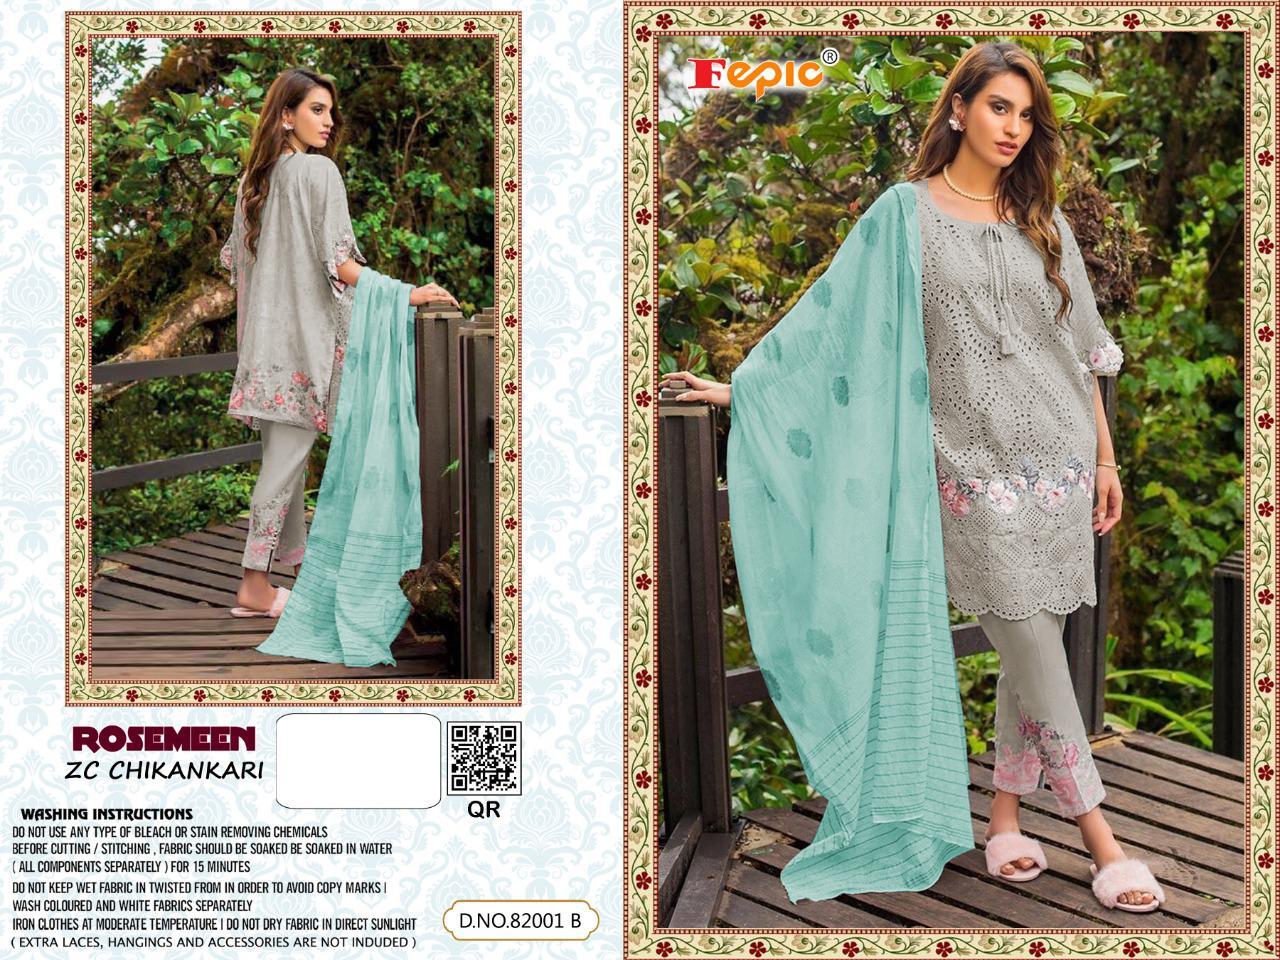 Fepic Rosemeen Zc Chikankaari Designer Cotton Chikankaari Pakistani Pettern Suits Wholesale